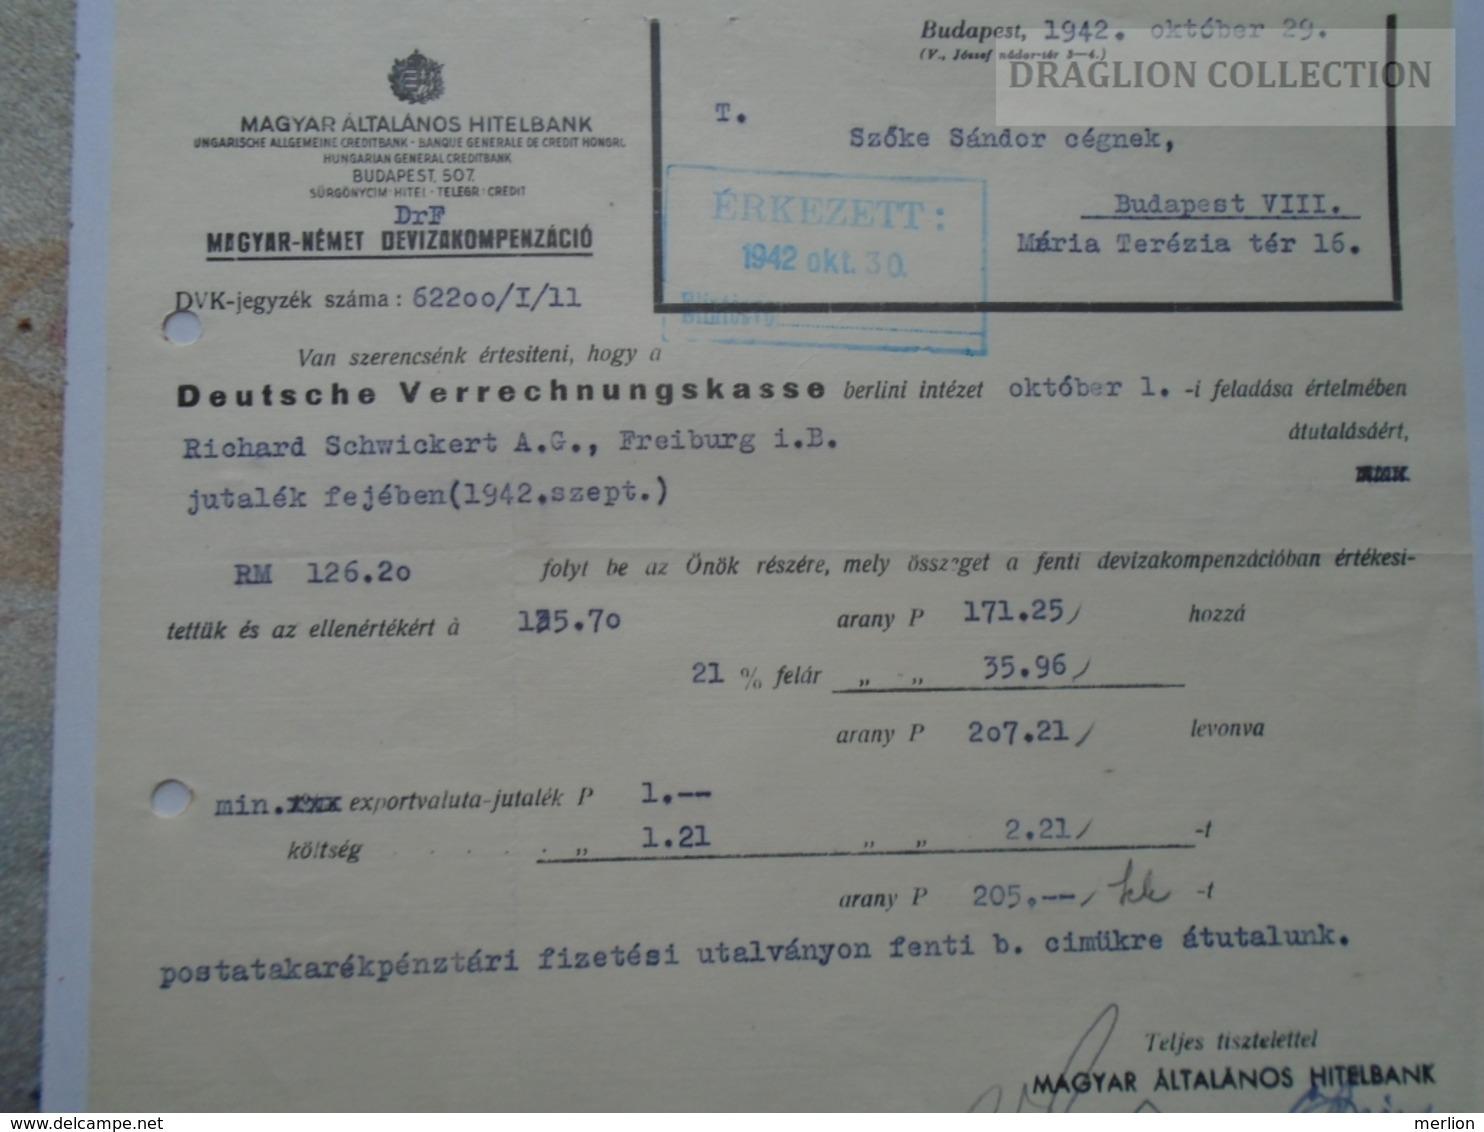 ZA192.7 Magyar Általános Hitelbank - Magyar- Német Devizakompenzáció 1942 Budapest - Facturas & Documentos Mercantiles